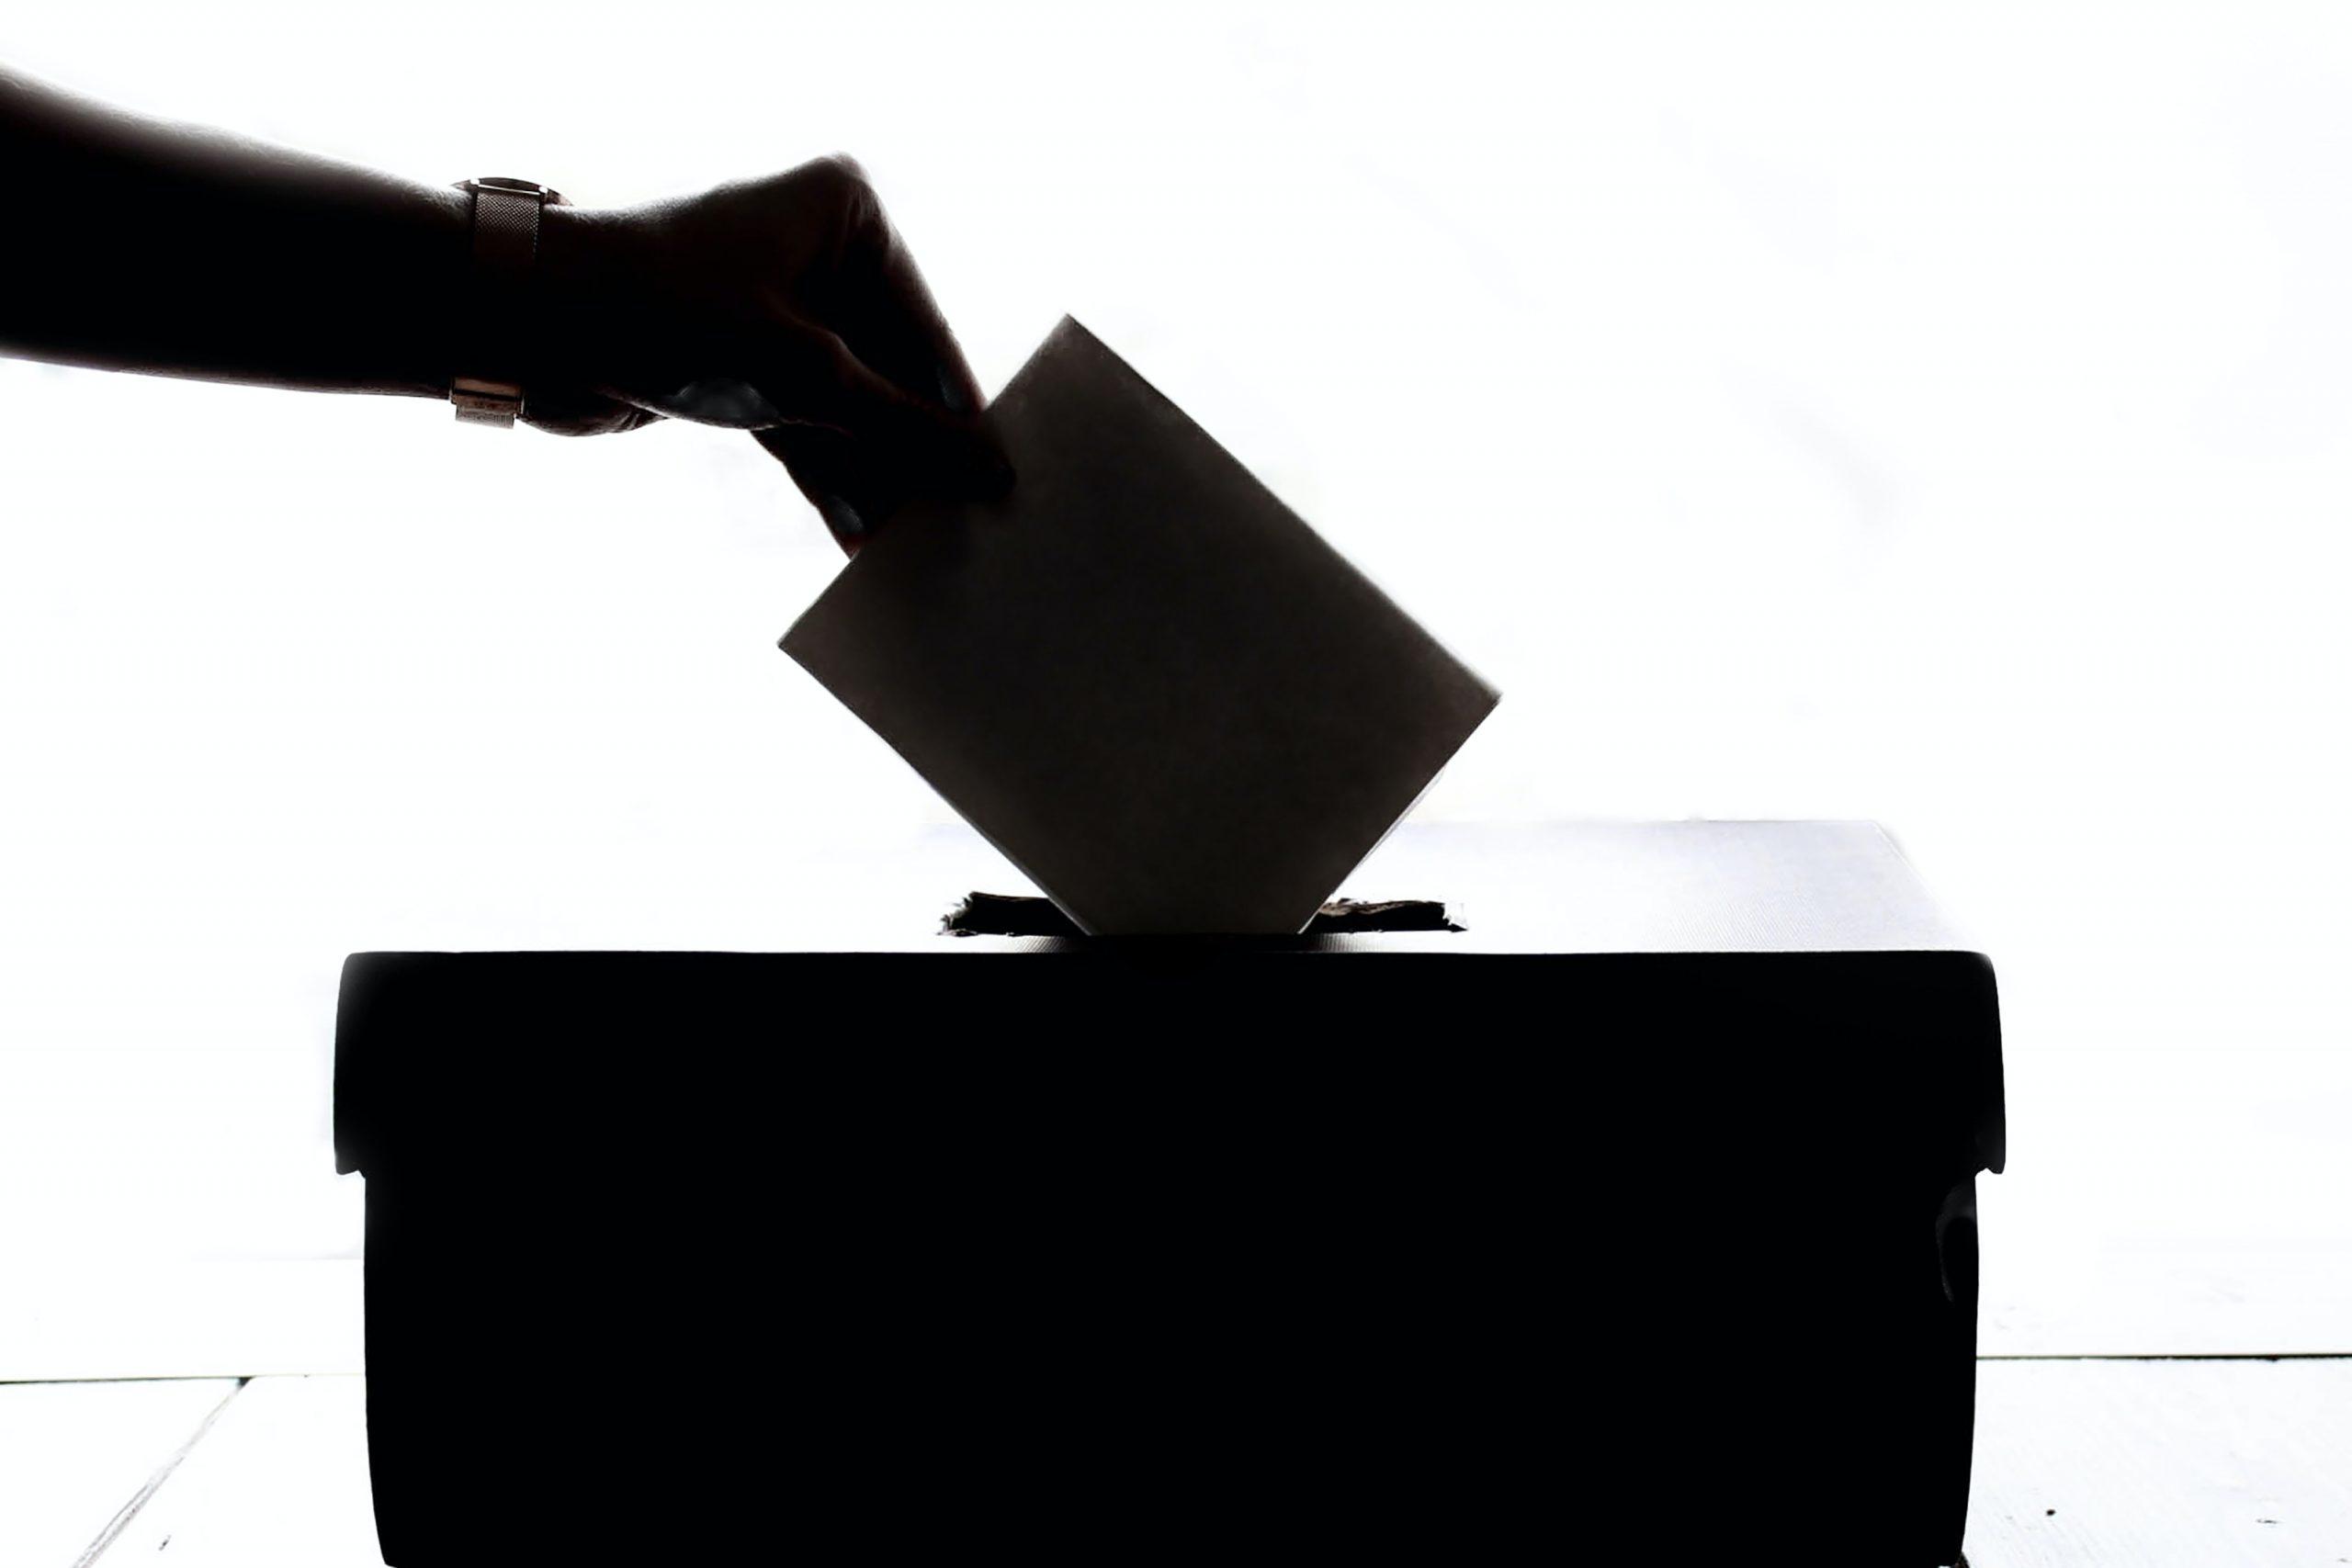 Eleccions al Consell Social (2021)